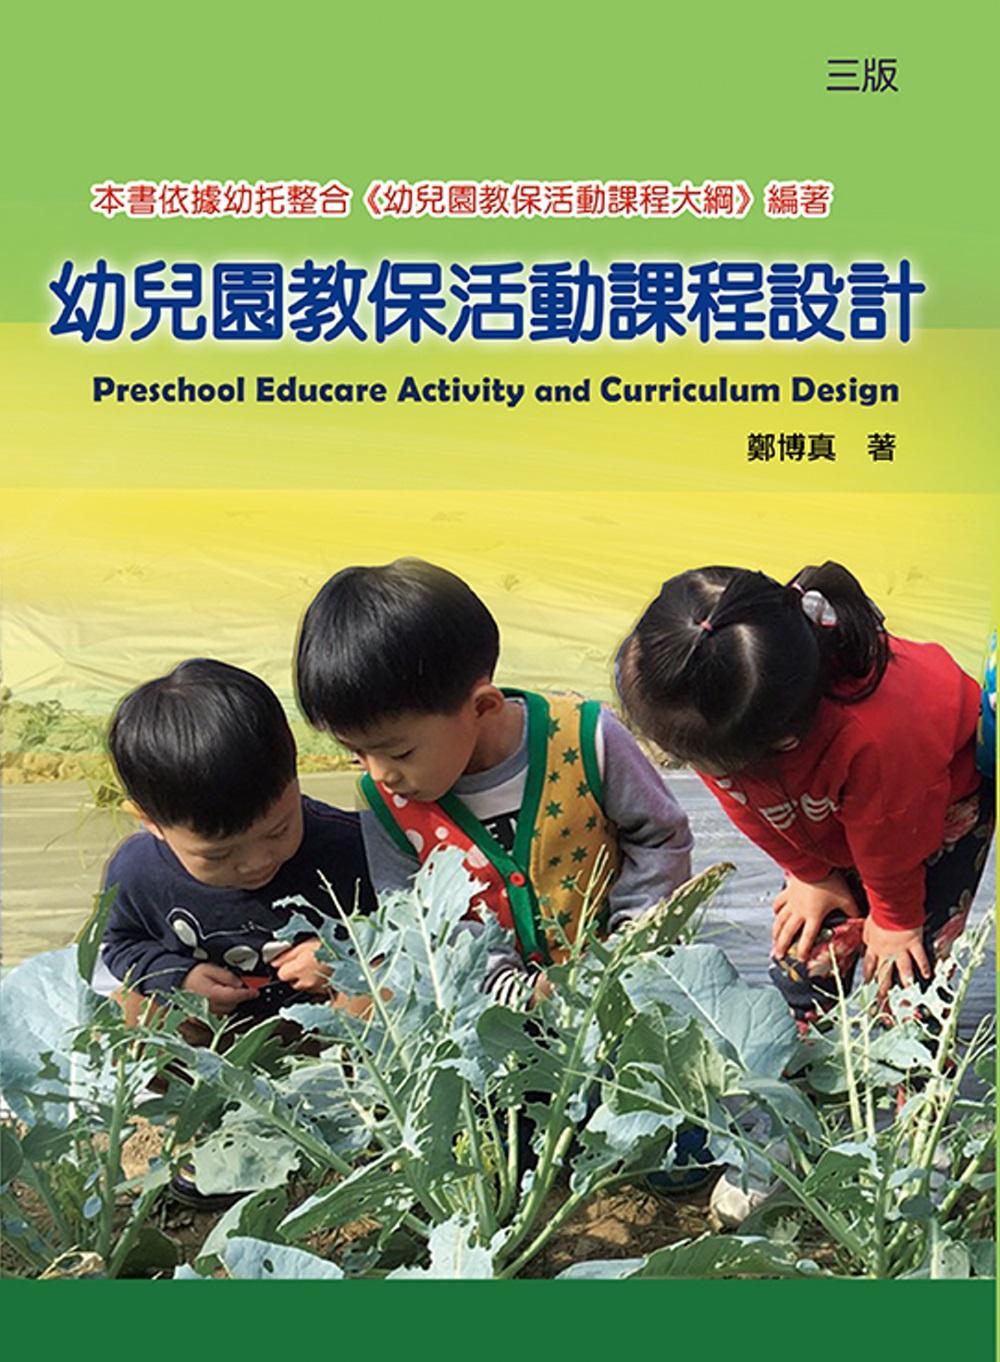 幼兒園教保活動課程設計(三版)